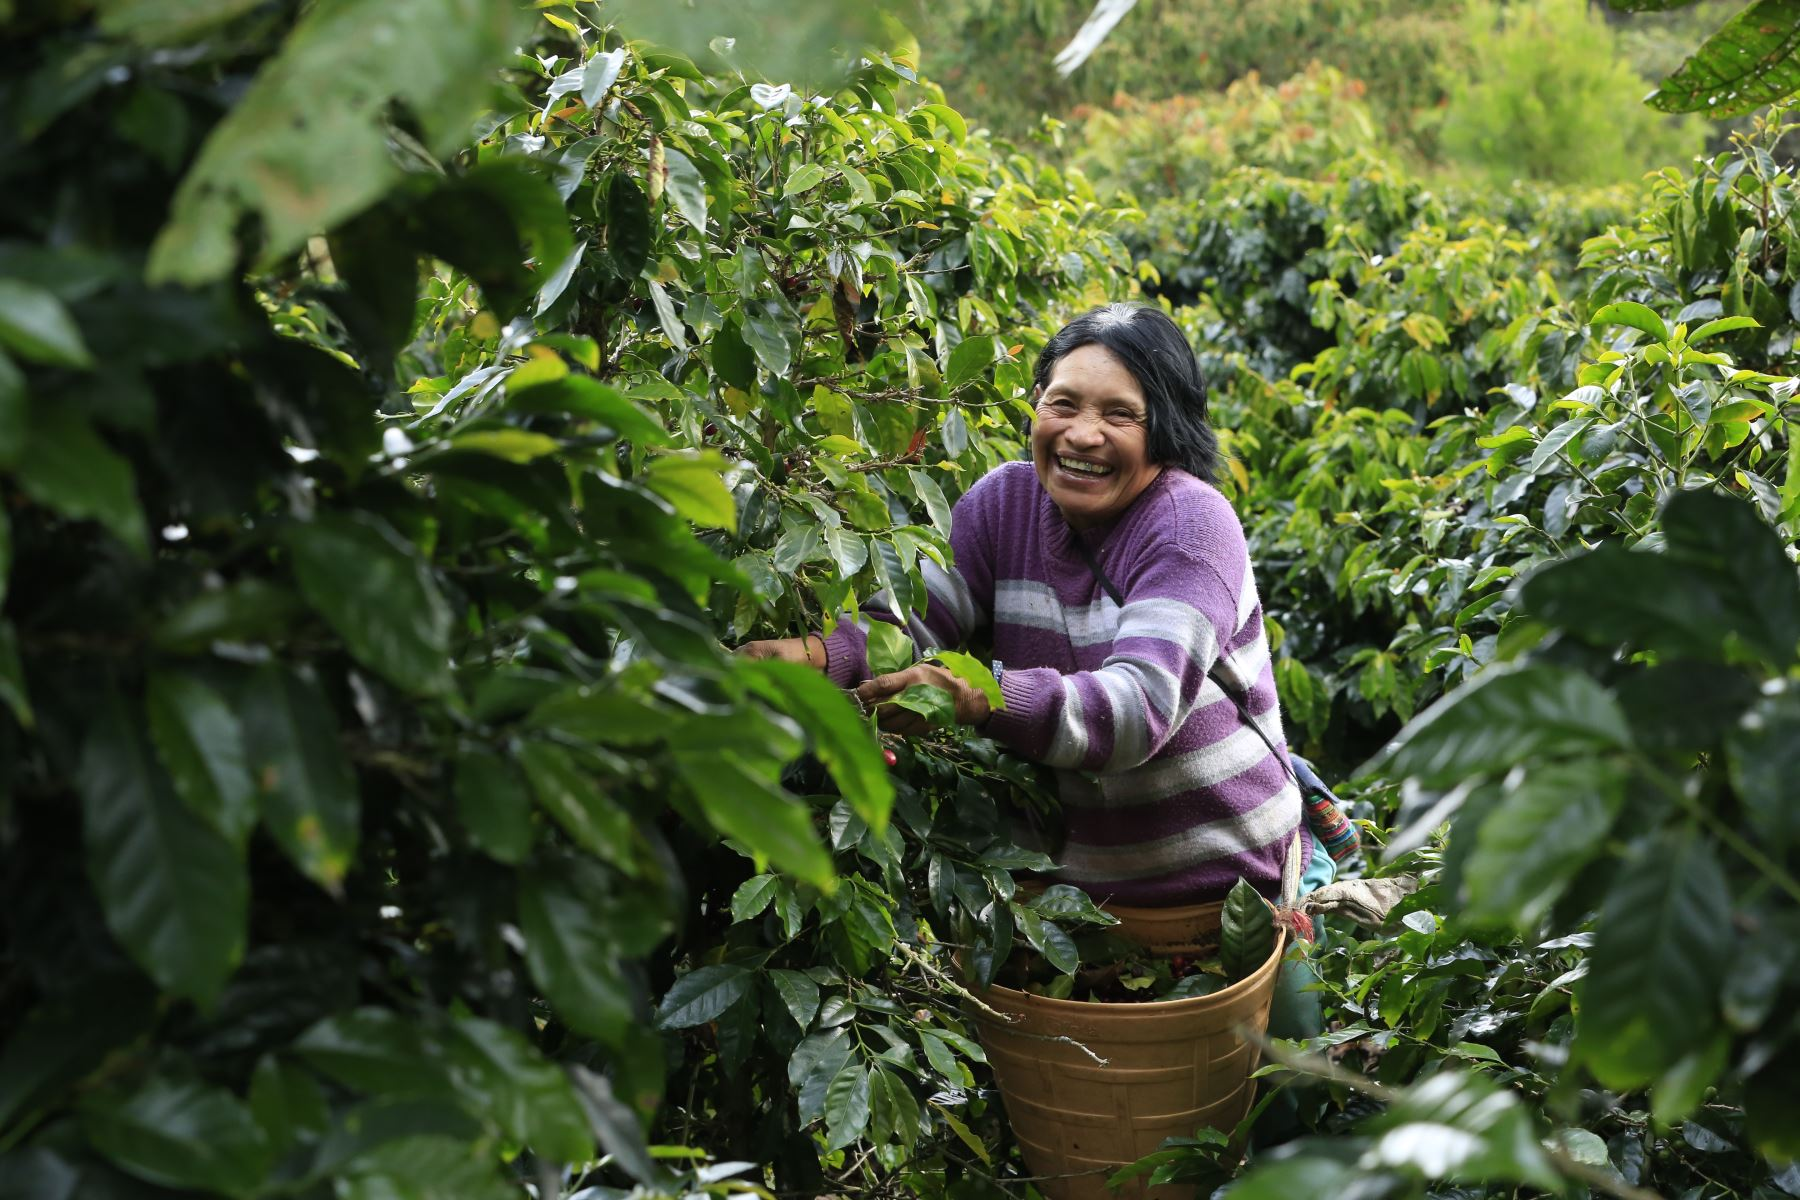 Mafalda Estrada es agricultoras de café en la selva central del Perú, Ella forma parte de la Cooperativa de Mujeres Cafetaleras y del Centro de Innovación Tecnológica (CITE), en Oxapampa, donde se evalúa y selecciona el mejor café en Villa Rica. Foto: ANDINA/Carla Patiño